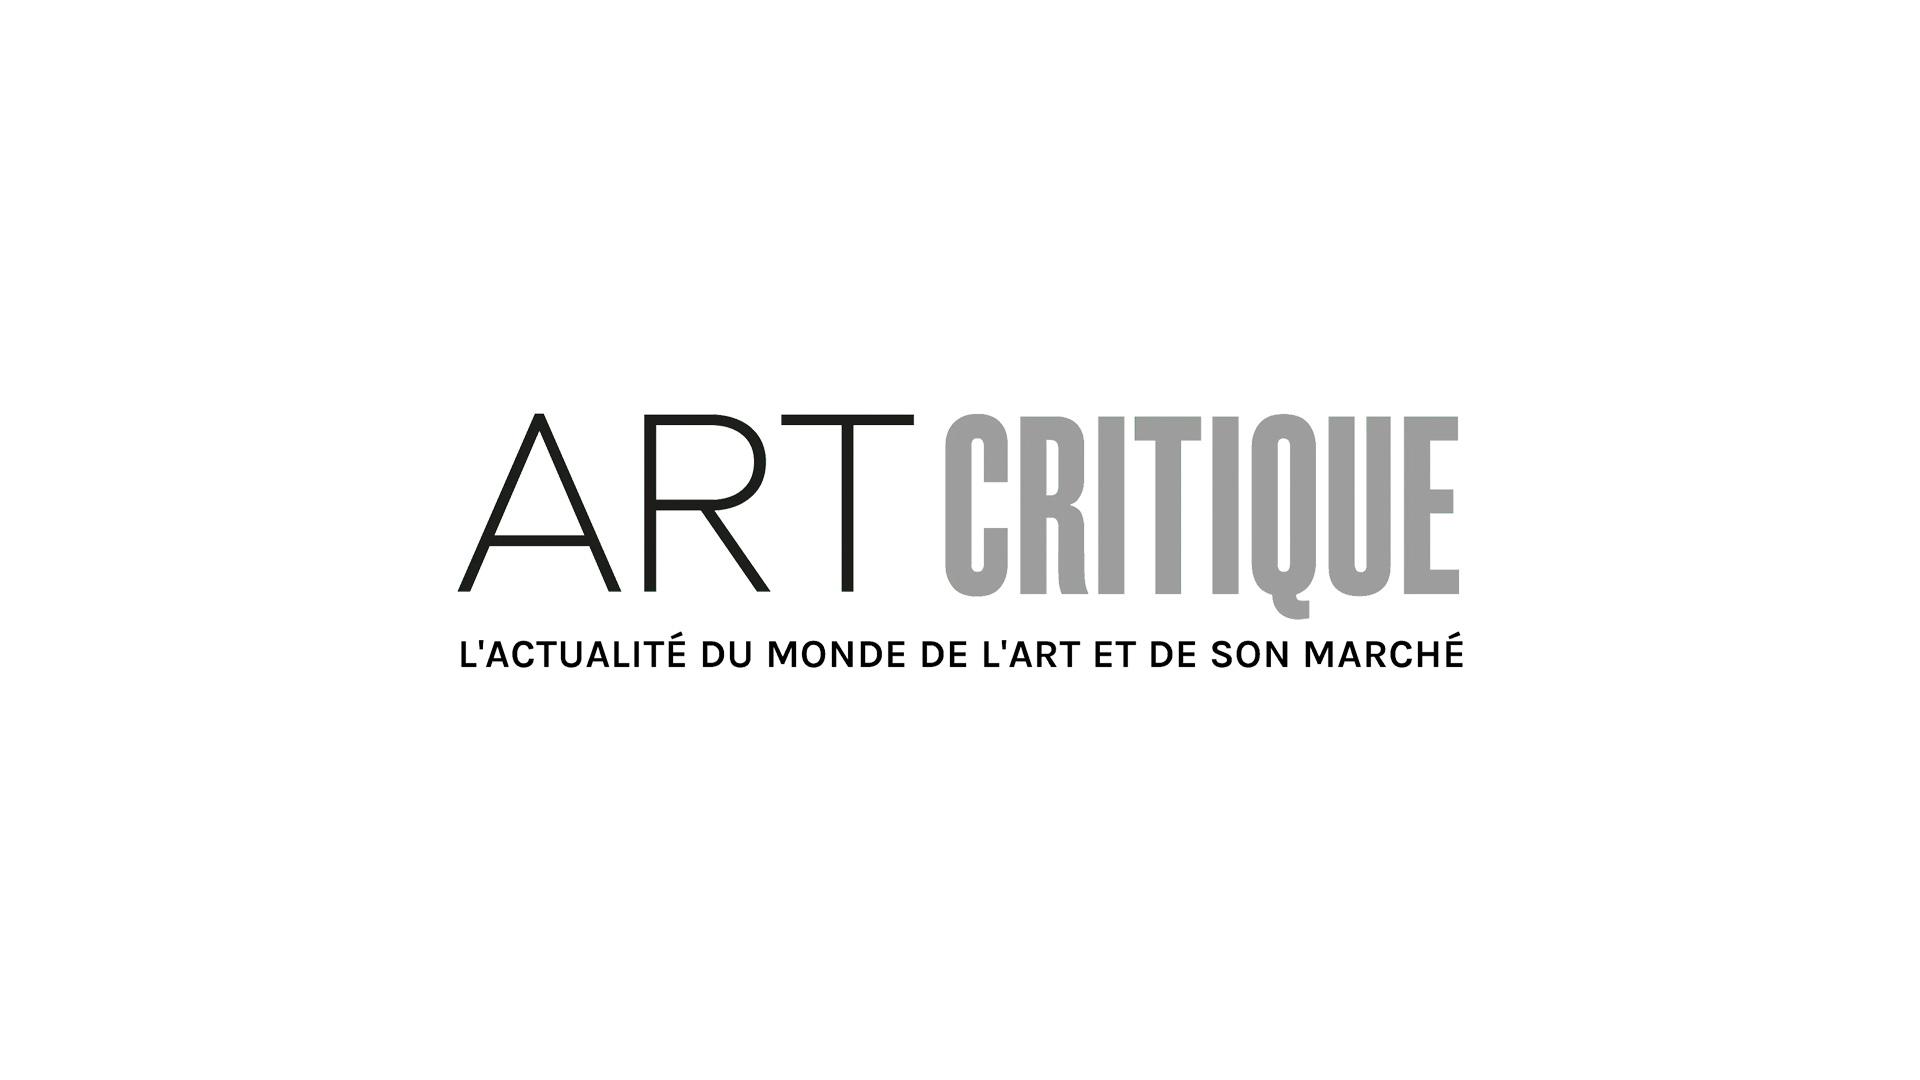 Les Carrières de Lumières s'apprêtent à accueillir Salvador Dali